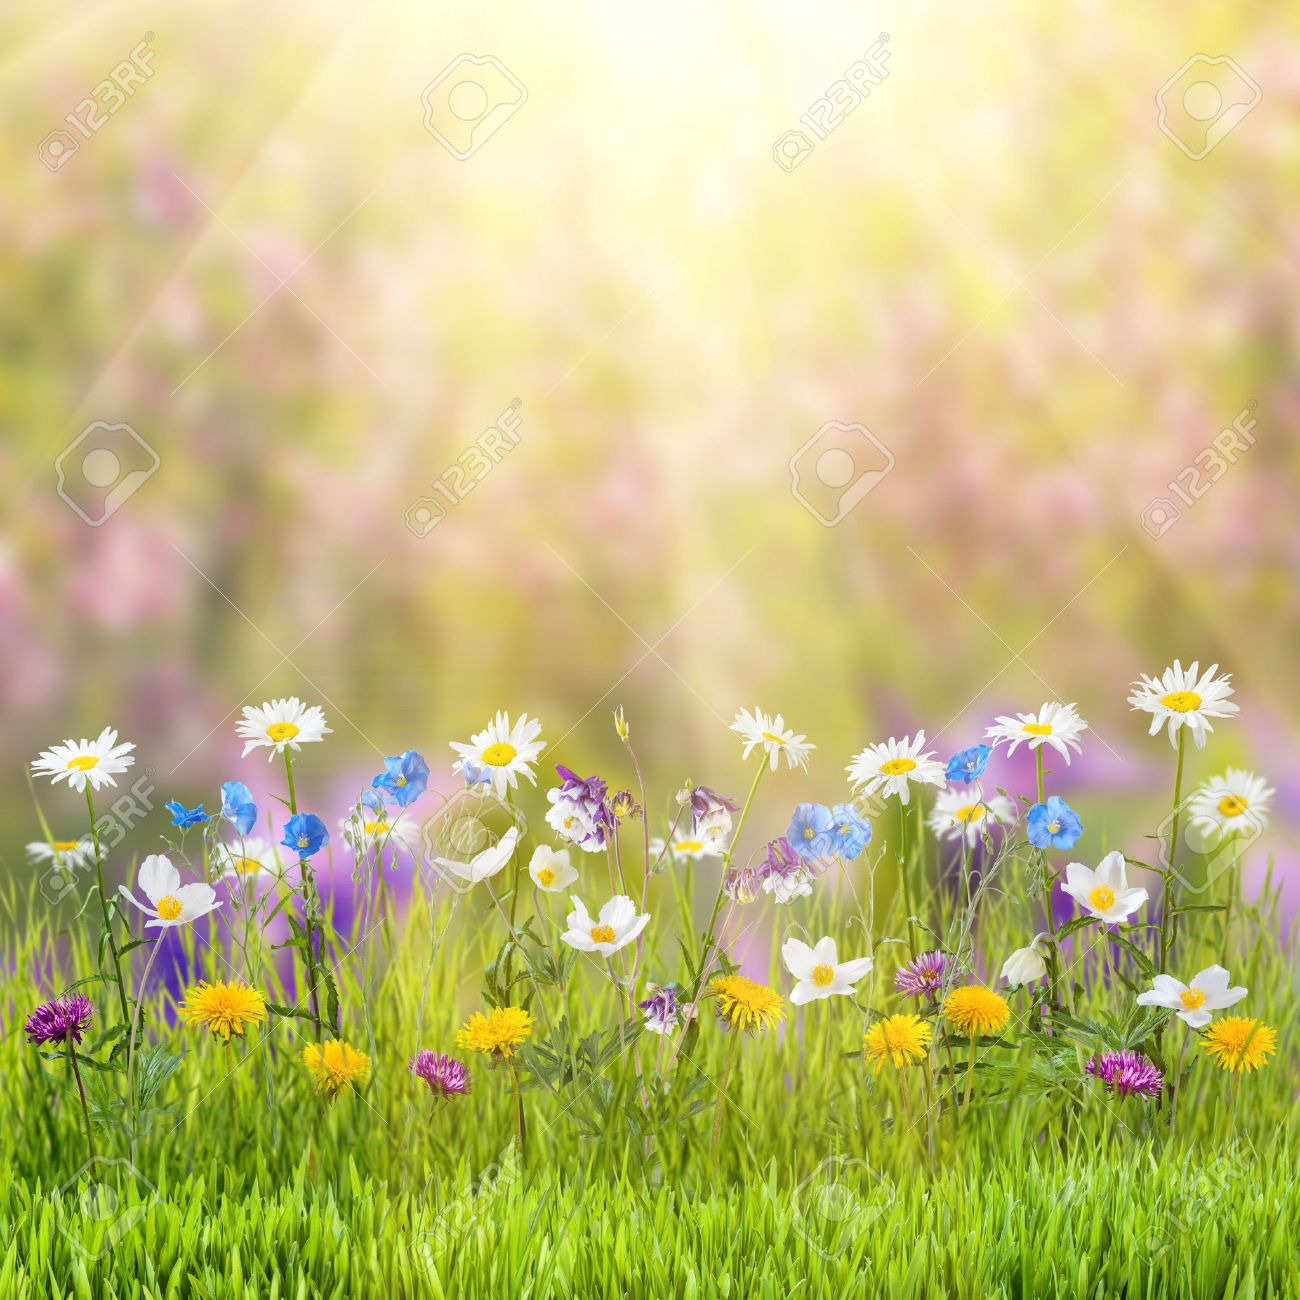 Schöner Frühling Blumenwiese Mit Wildblumen Lizenzfreie Fotos